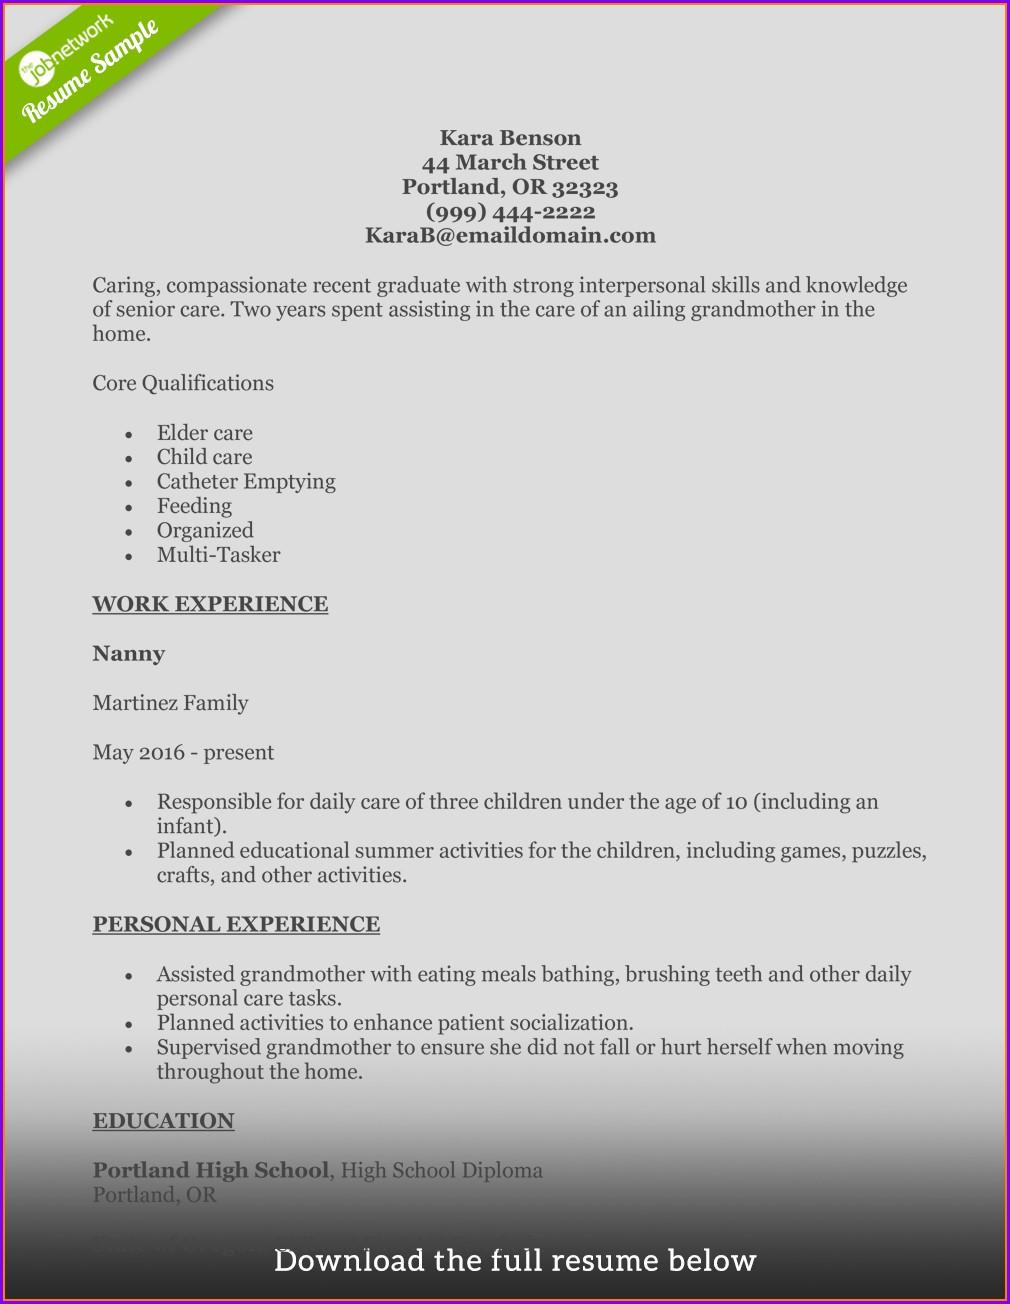 Sample Resume For Cnahha